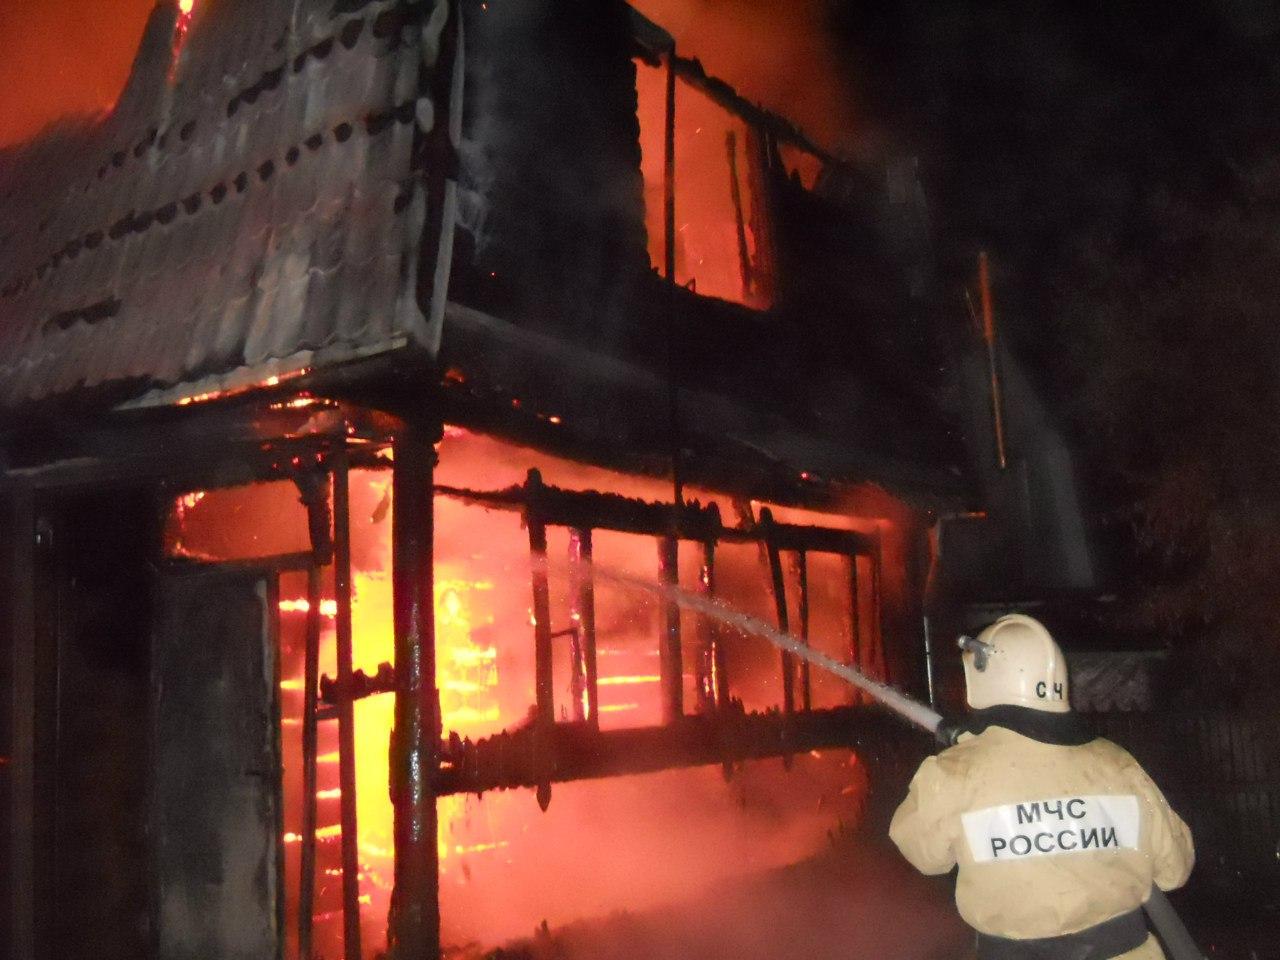 В Таганроге из горящего двухэтажного дома спасен человек